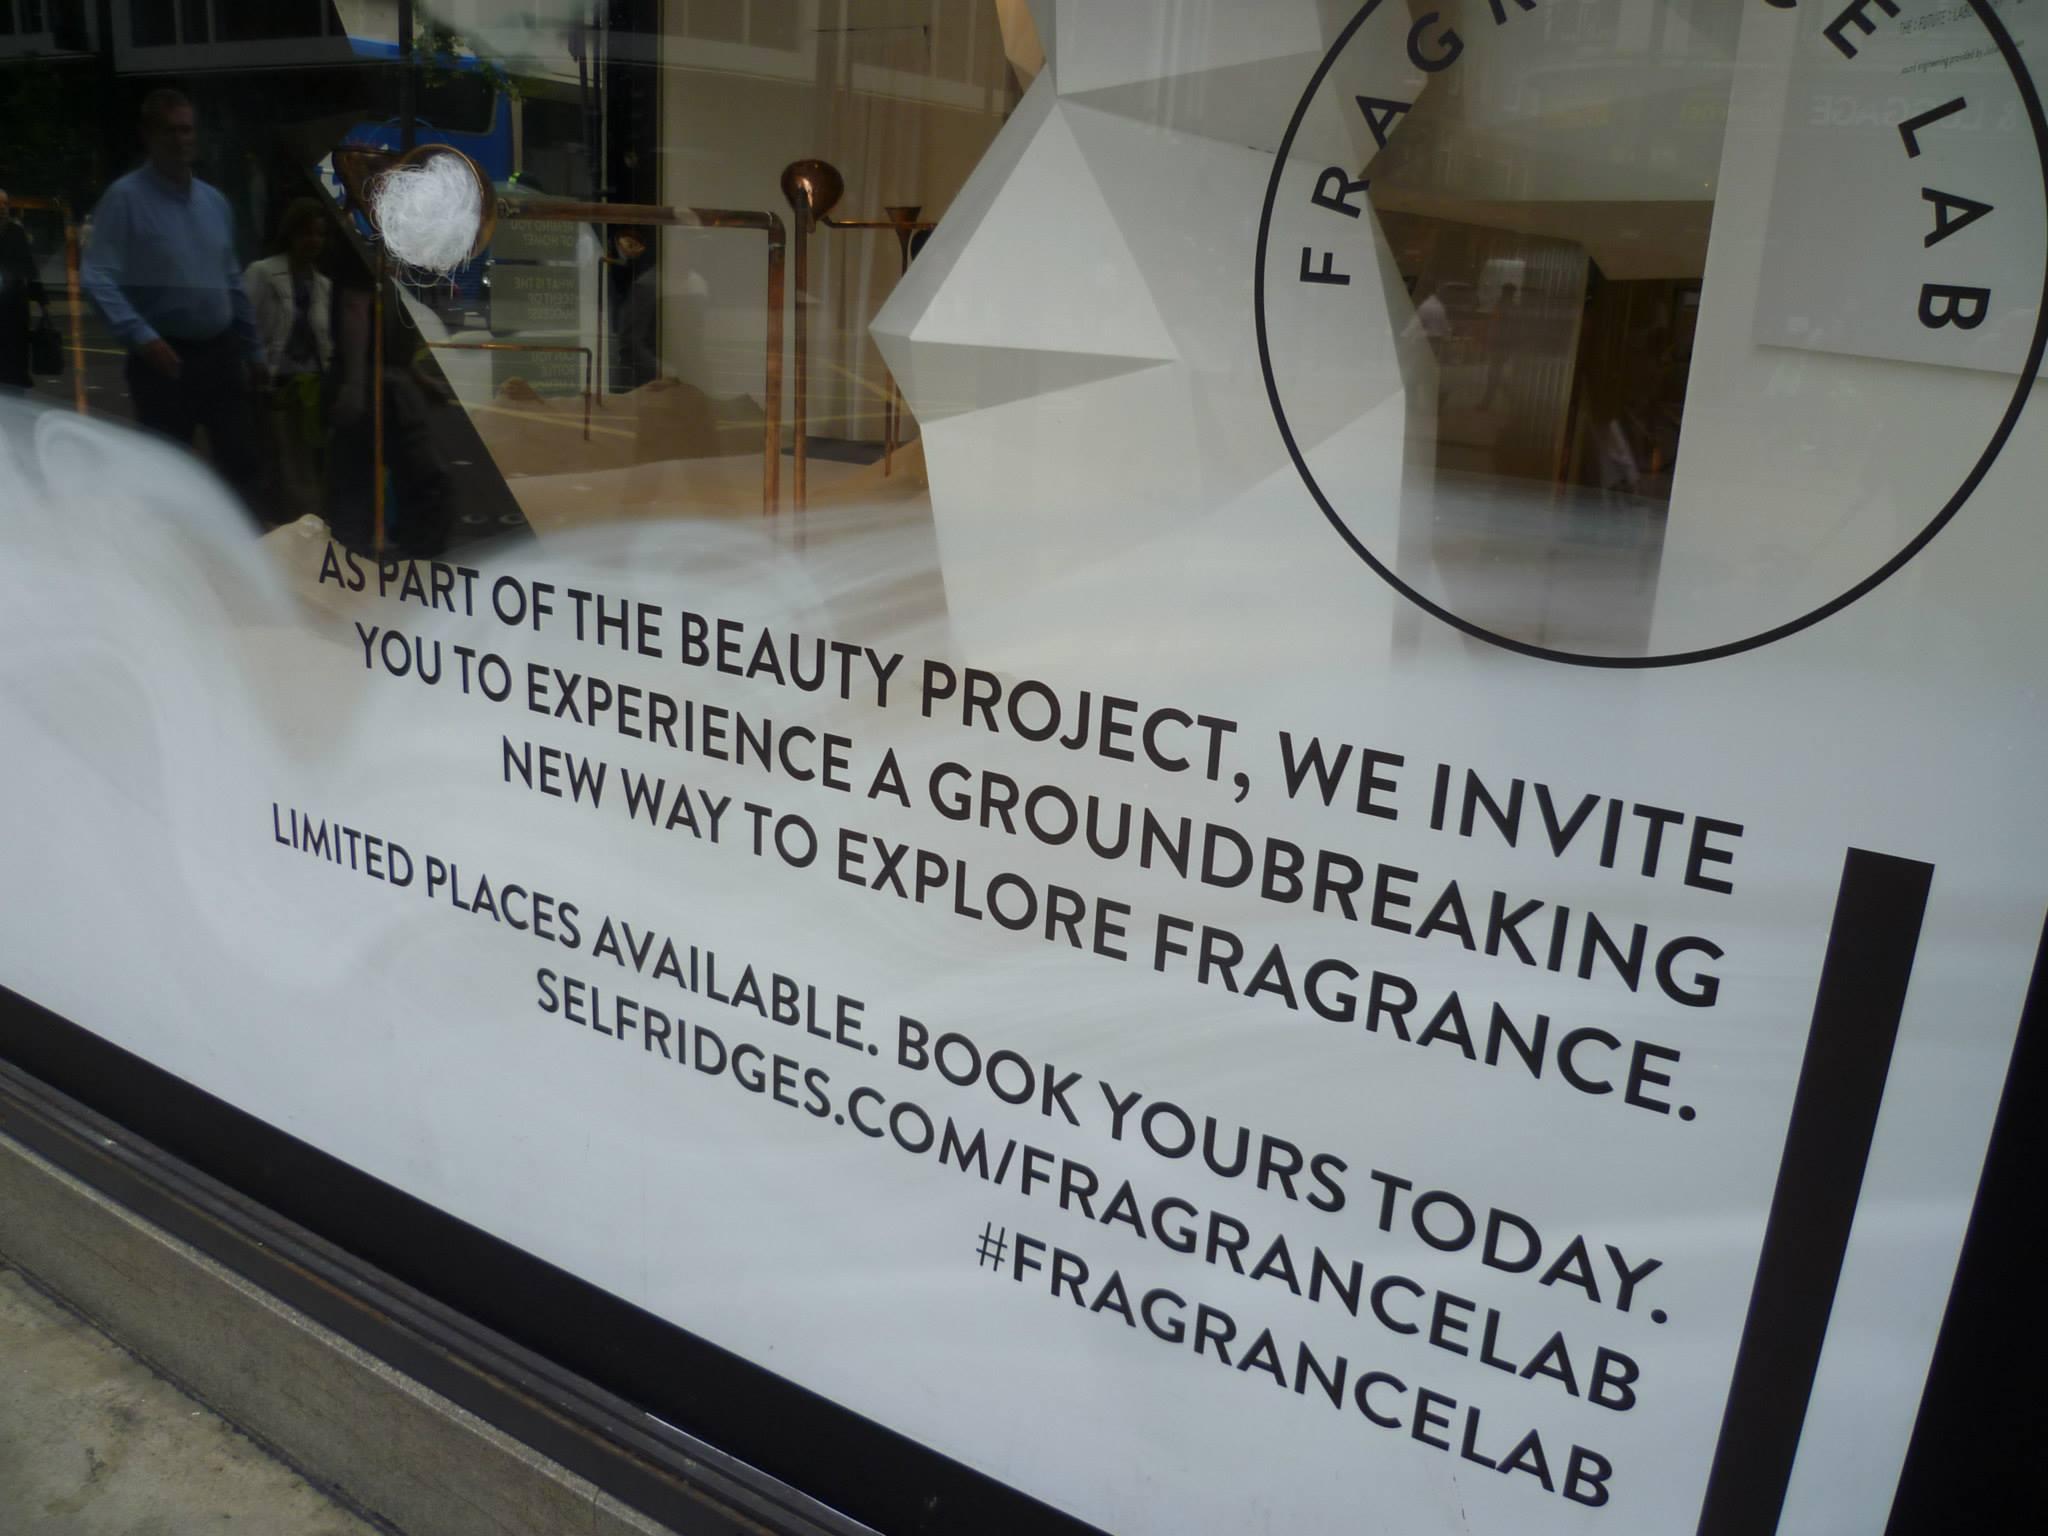 selfridges-fragrance-lab-unique-experience